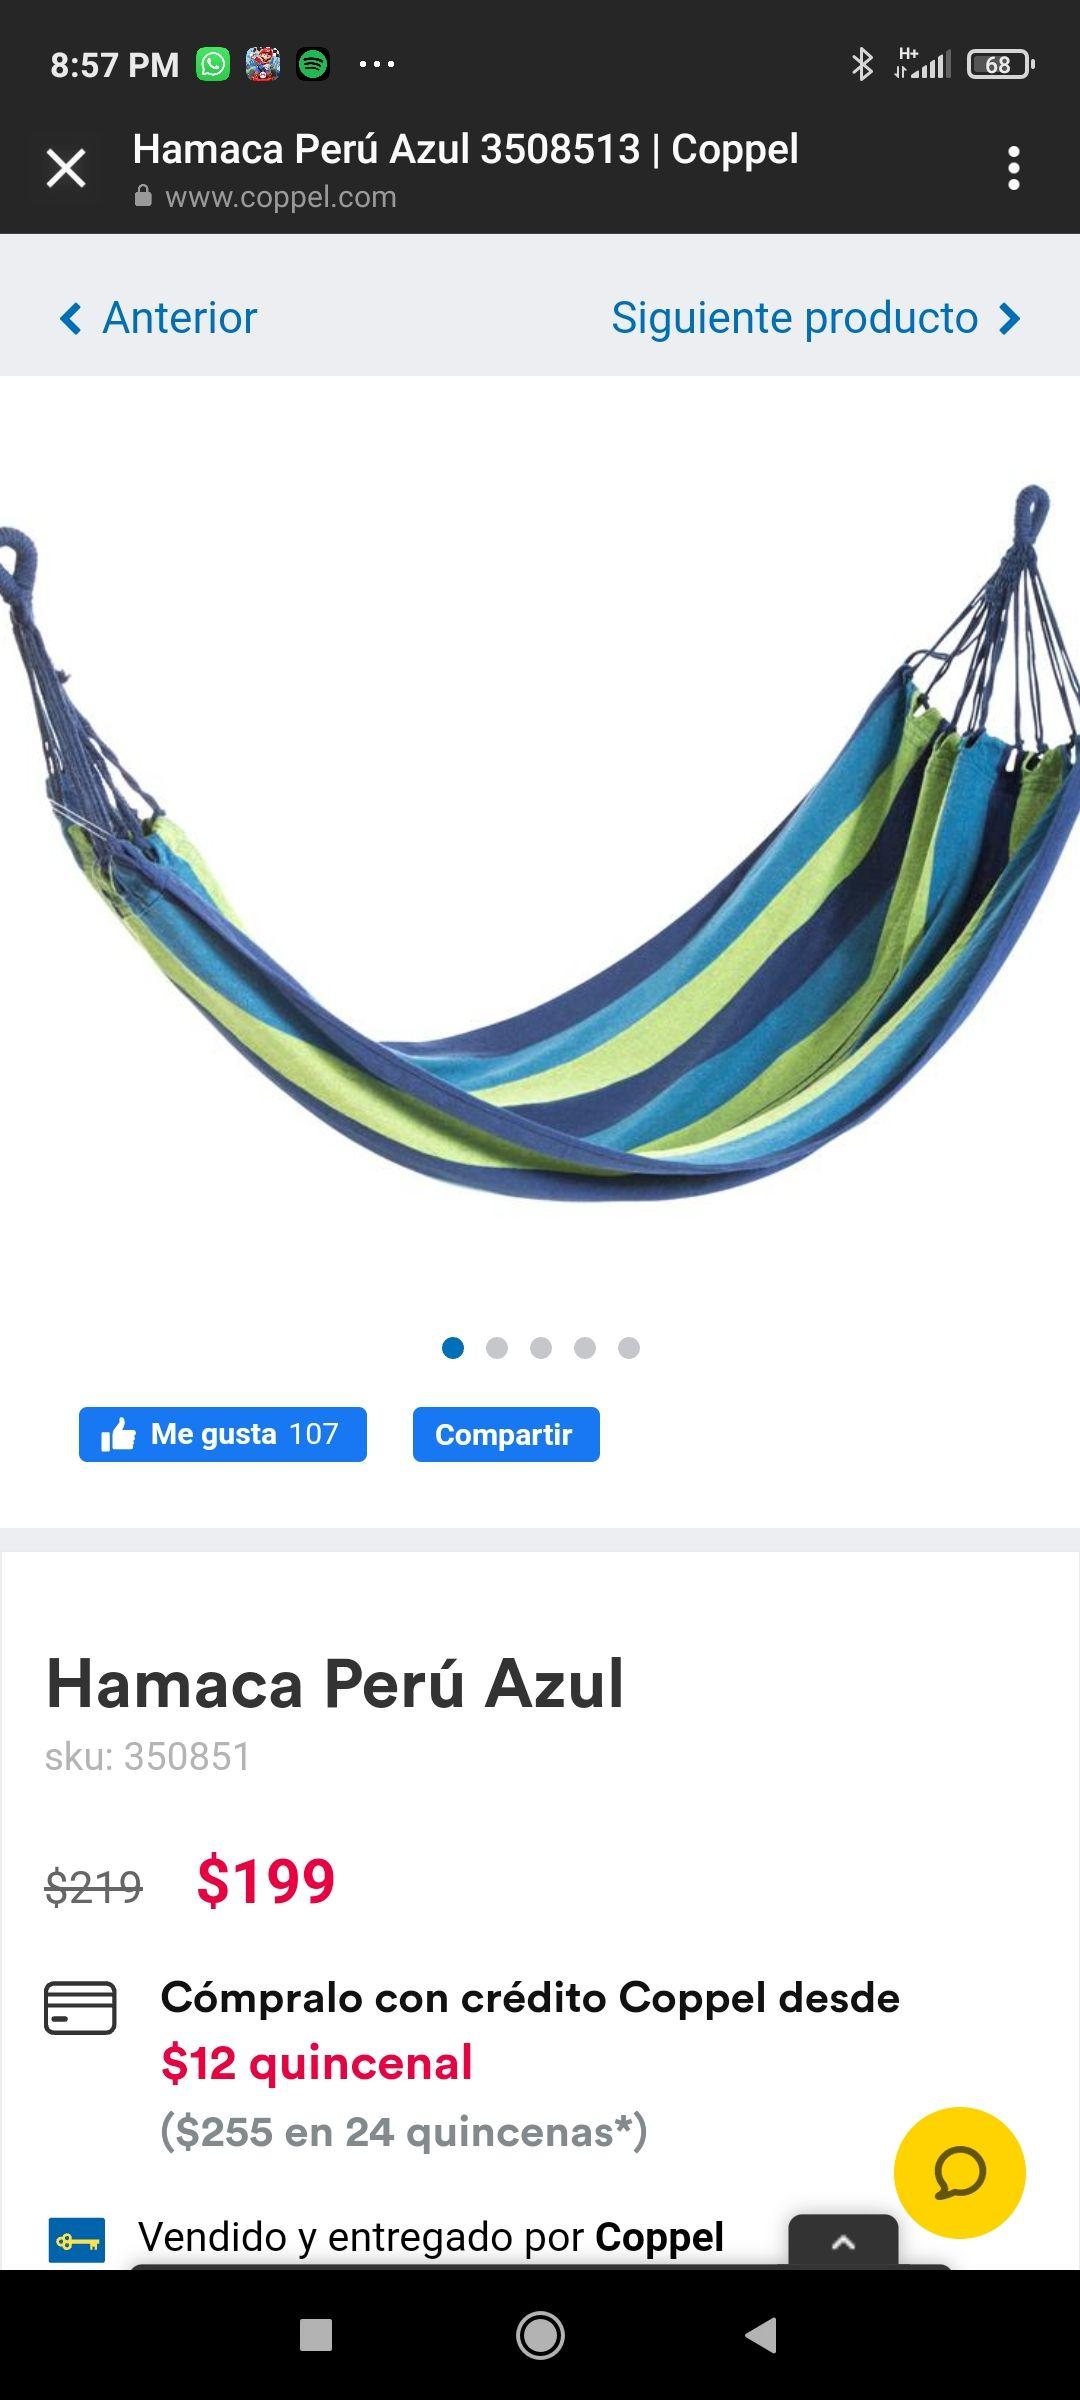 Coppel Hamaca Peru Azul